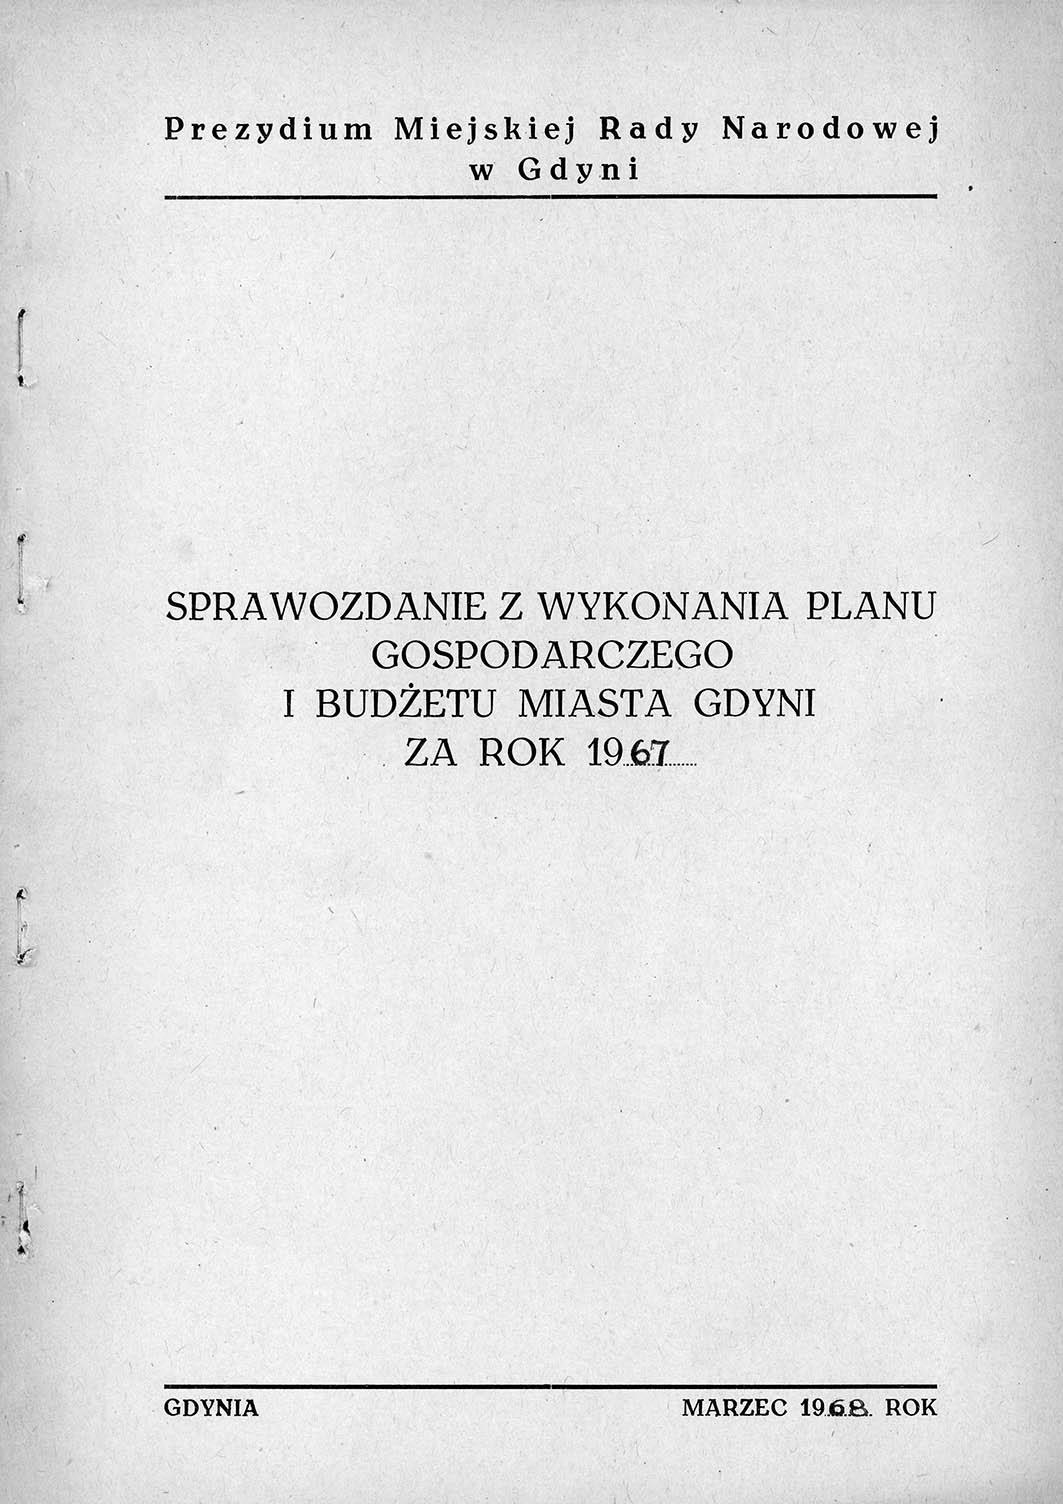 Sprawozdanie z wykonania planu gospodarczego i Budżetu Miasta Gdyni za rok 1967